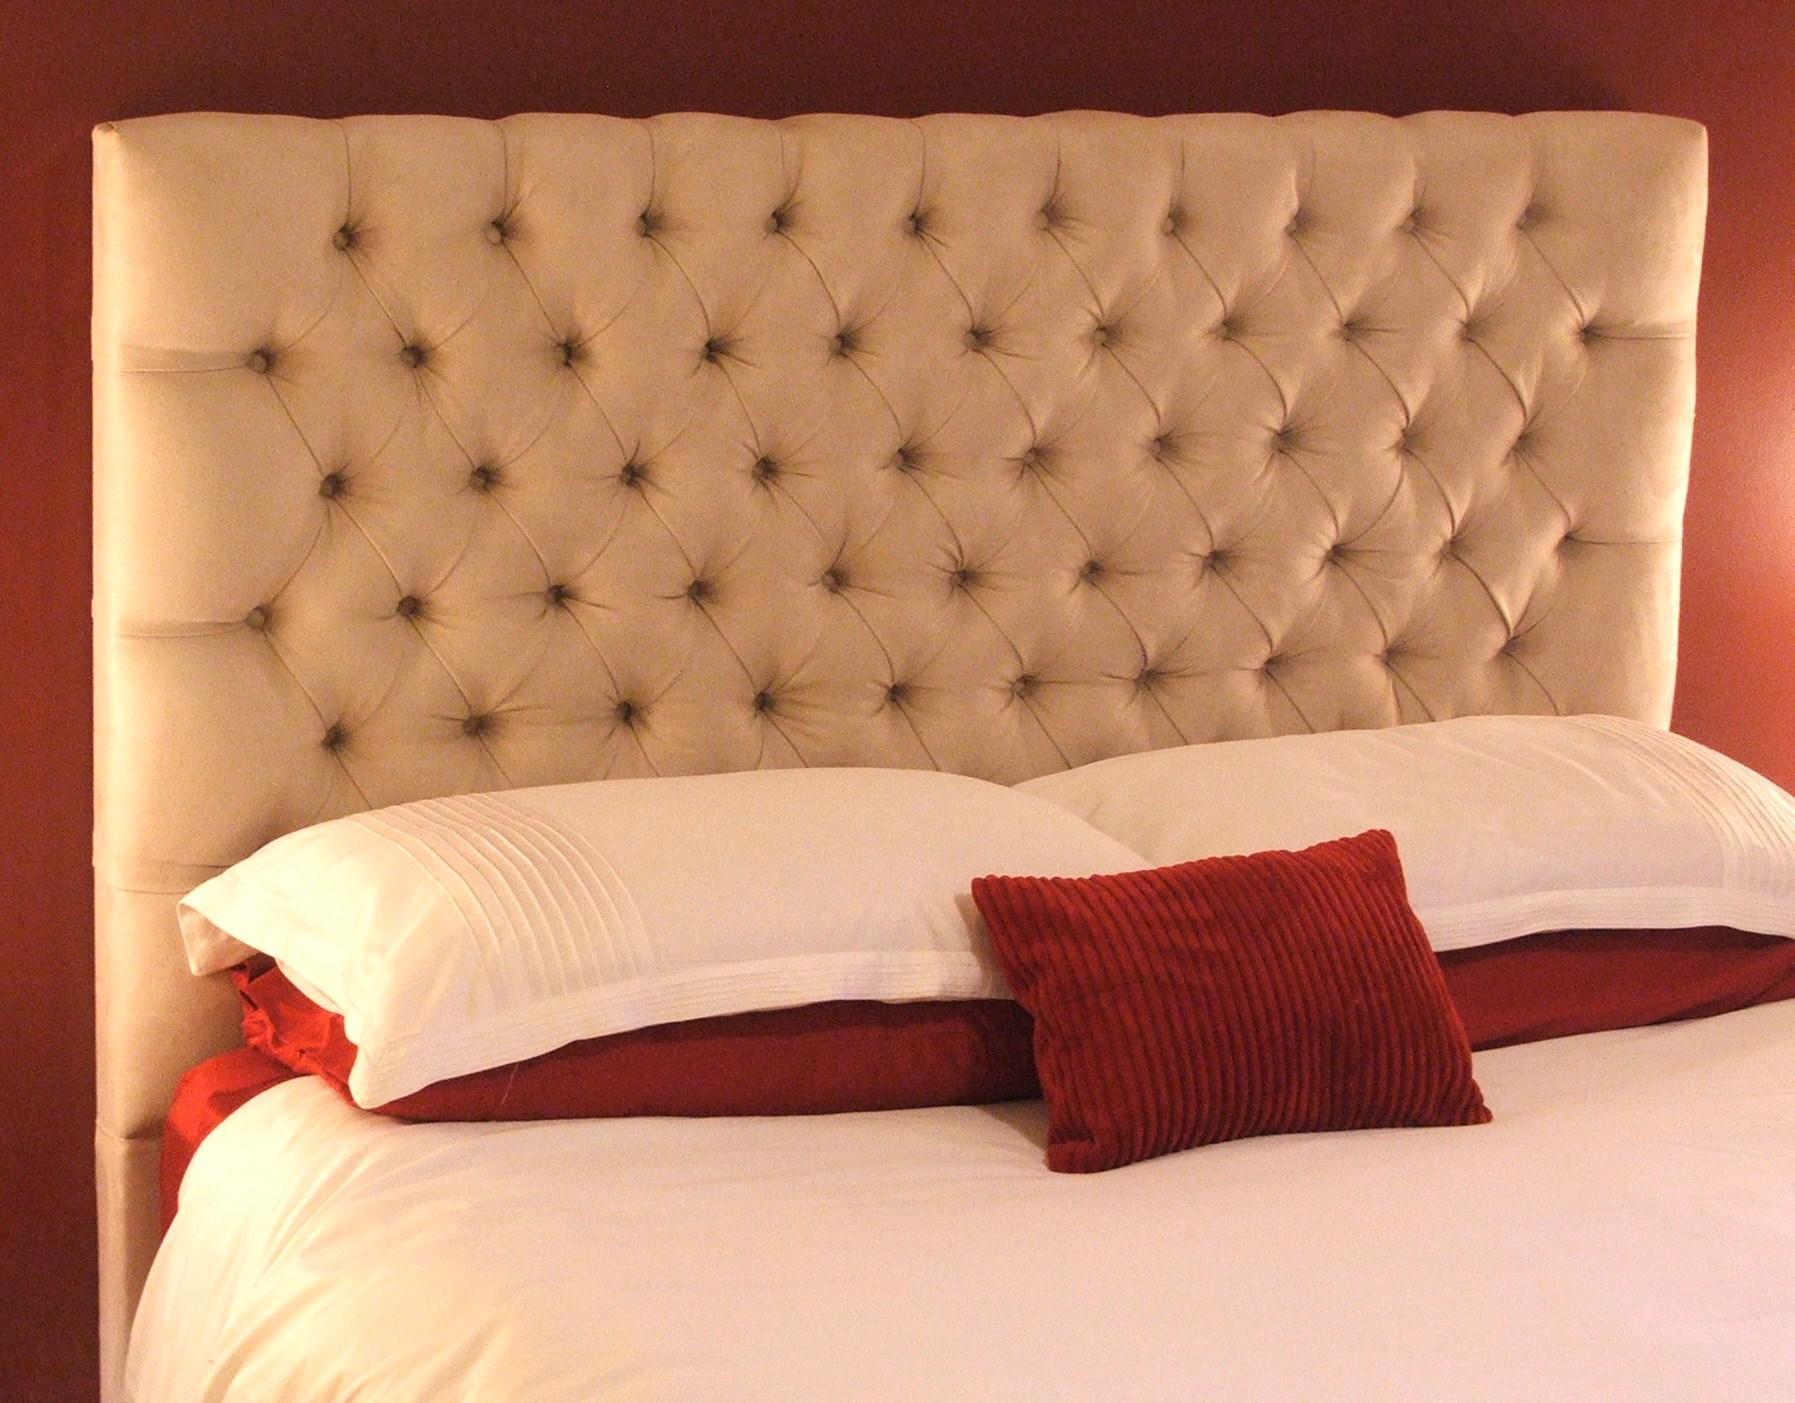 Respaldos de cama Decoraciones Chamma